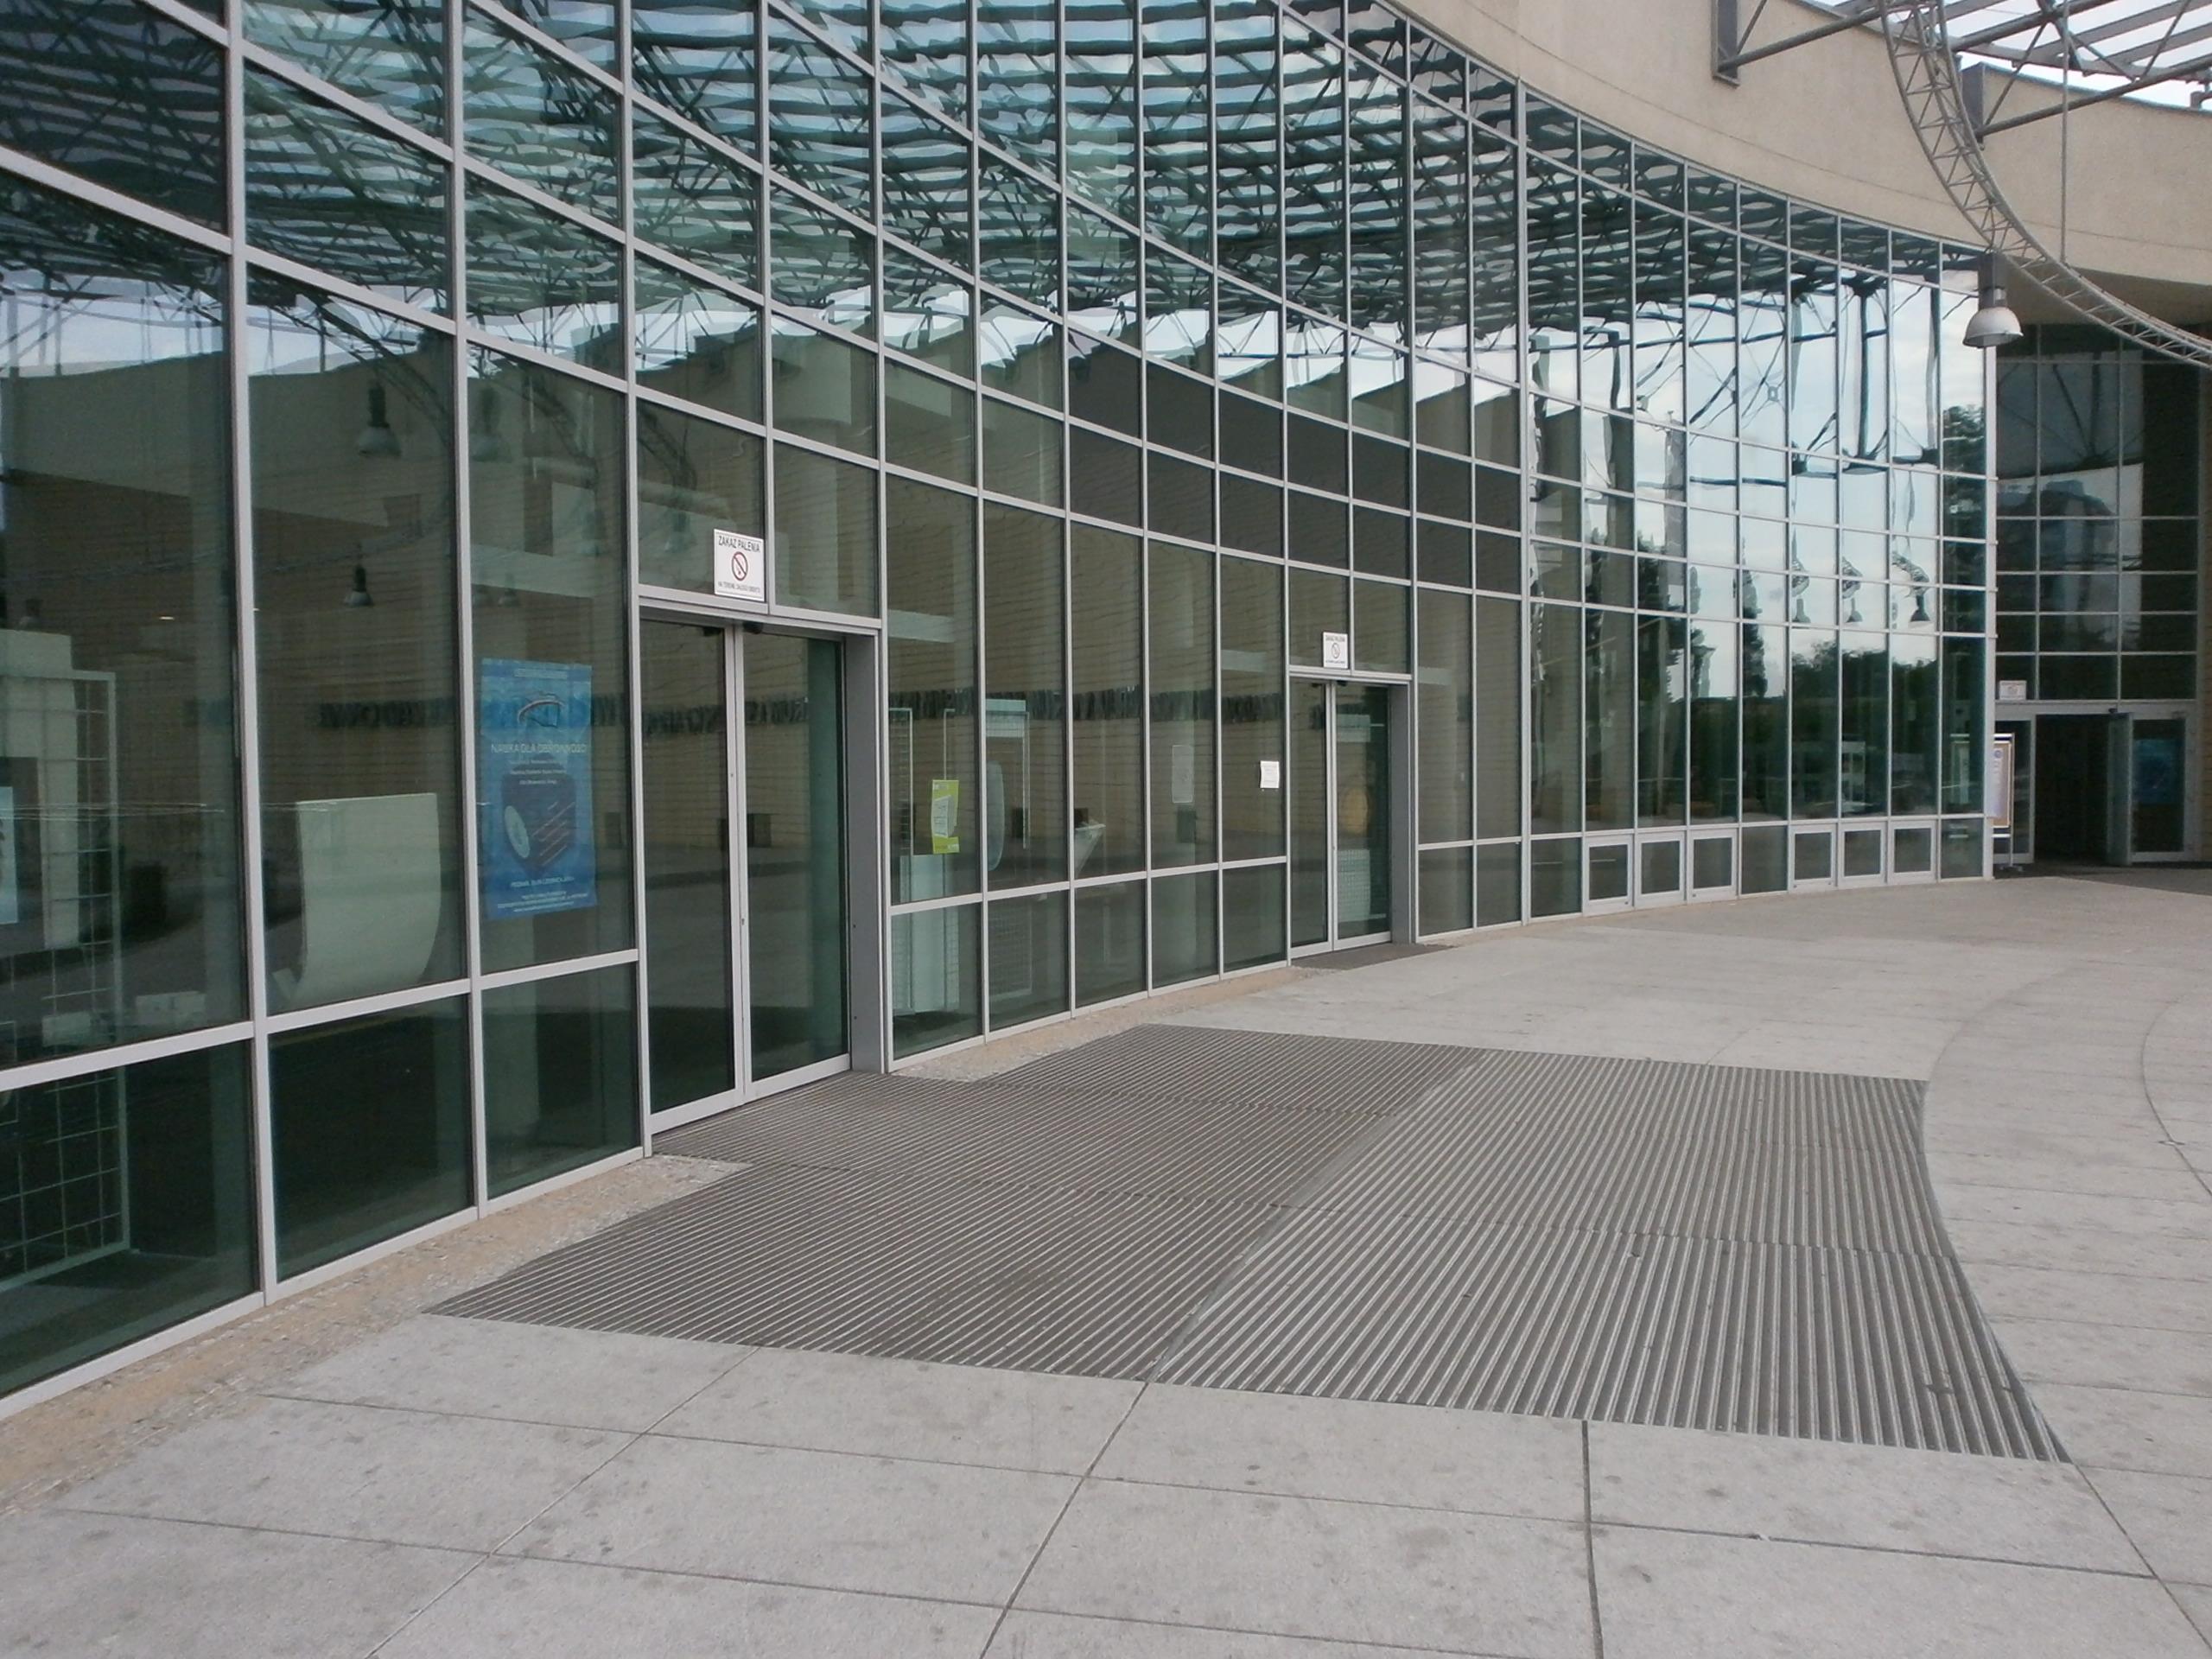 Główne wejście do biblioteki i centrum wykładowego